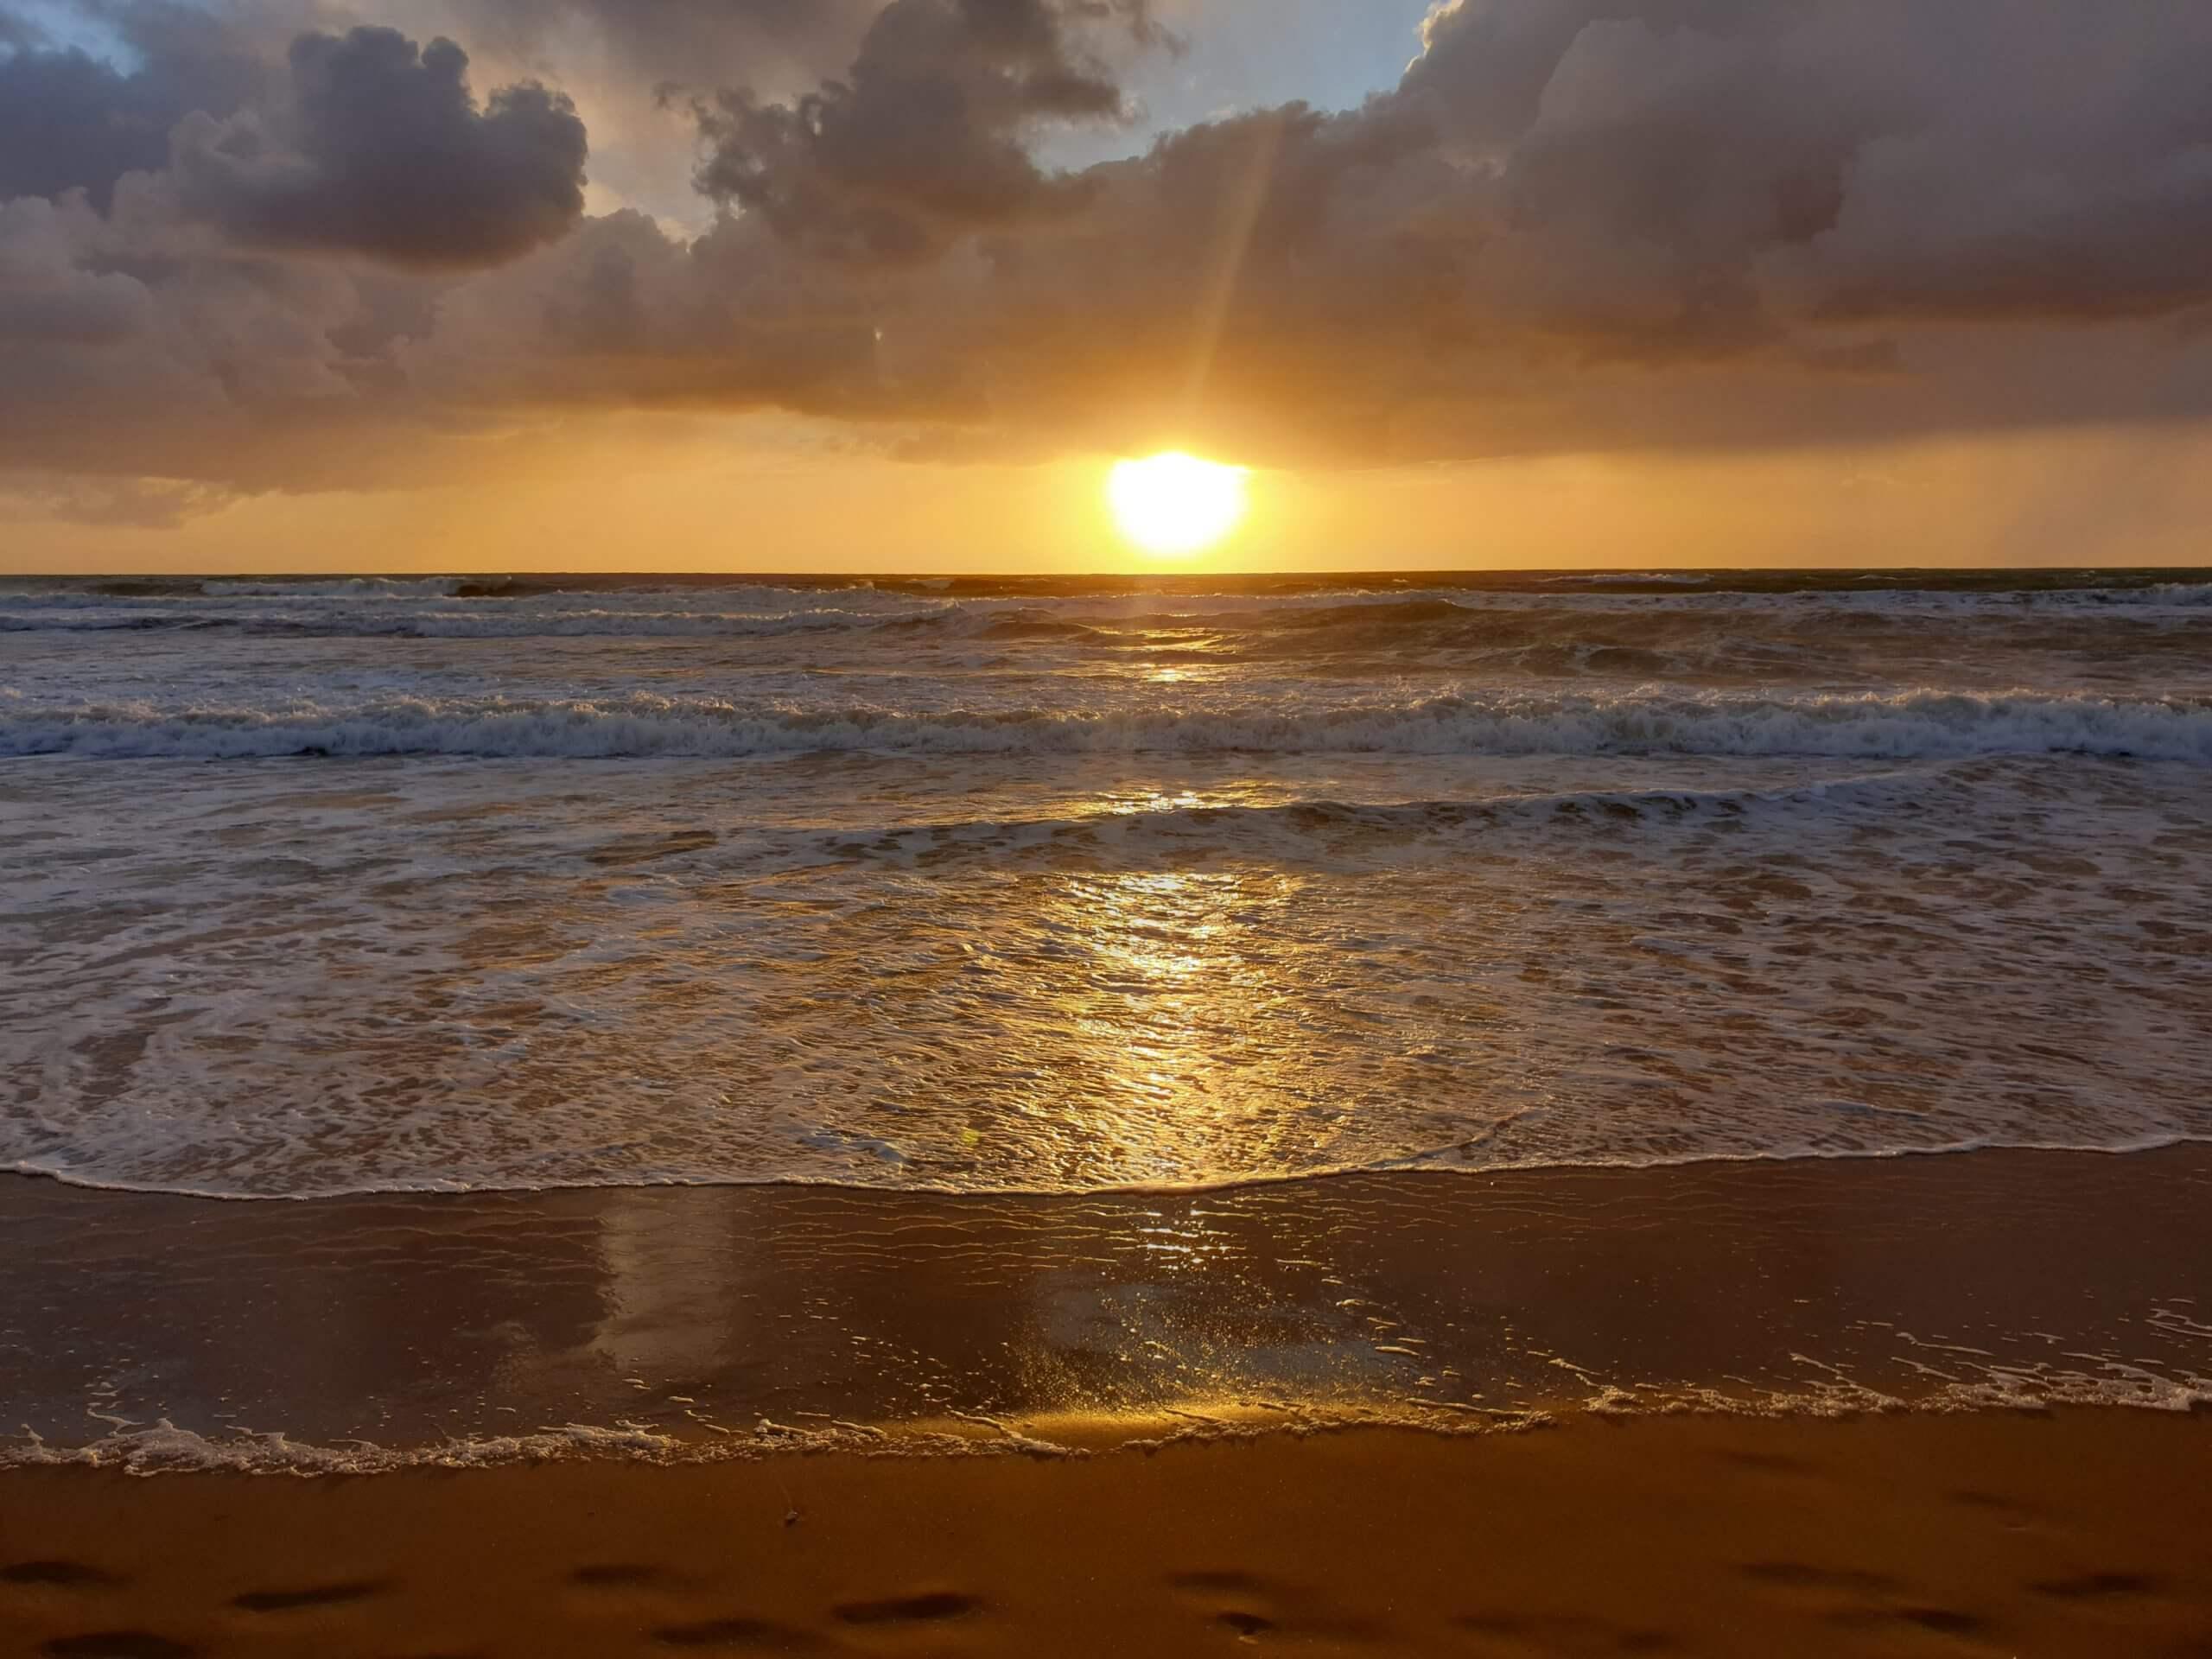 Bord de mer avec couché de soleil au loin (soleil orangé)